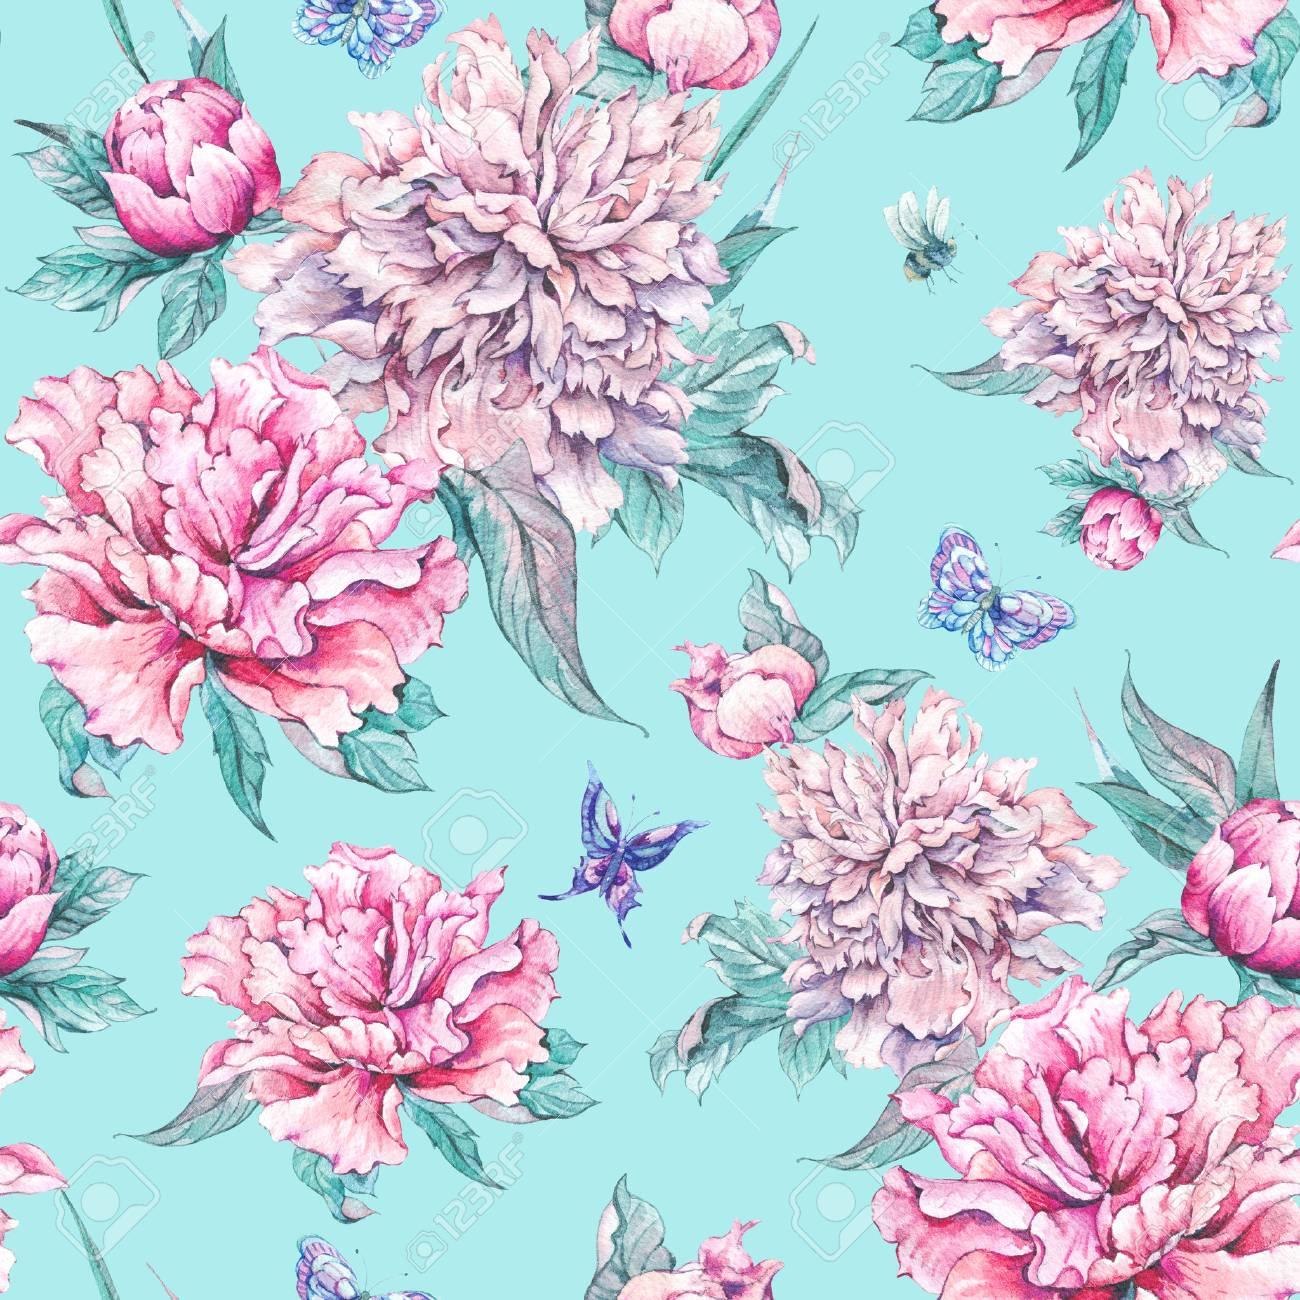 Watercolor Nature Seamless Pattern Pink Flowers Blooming Peonies